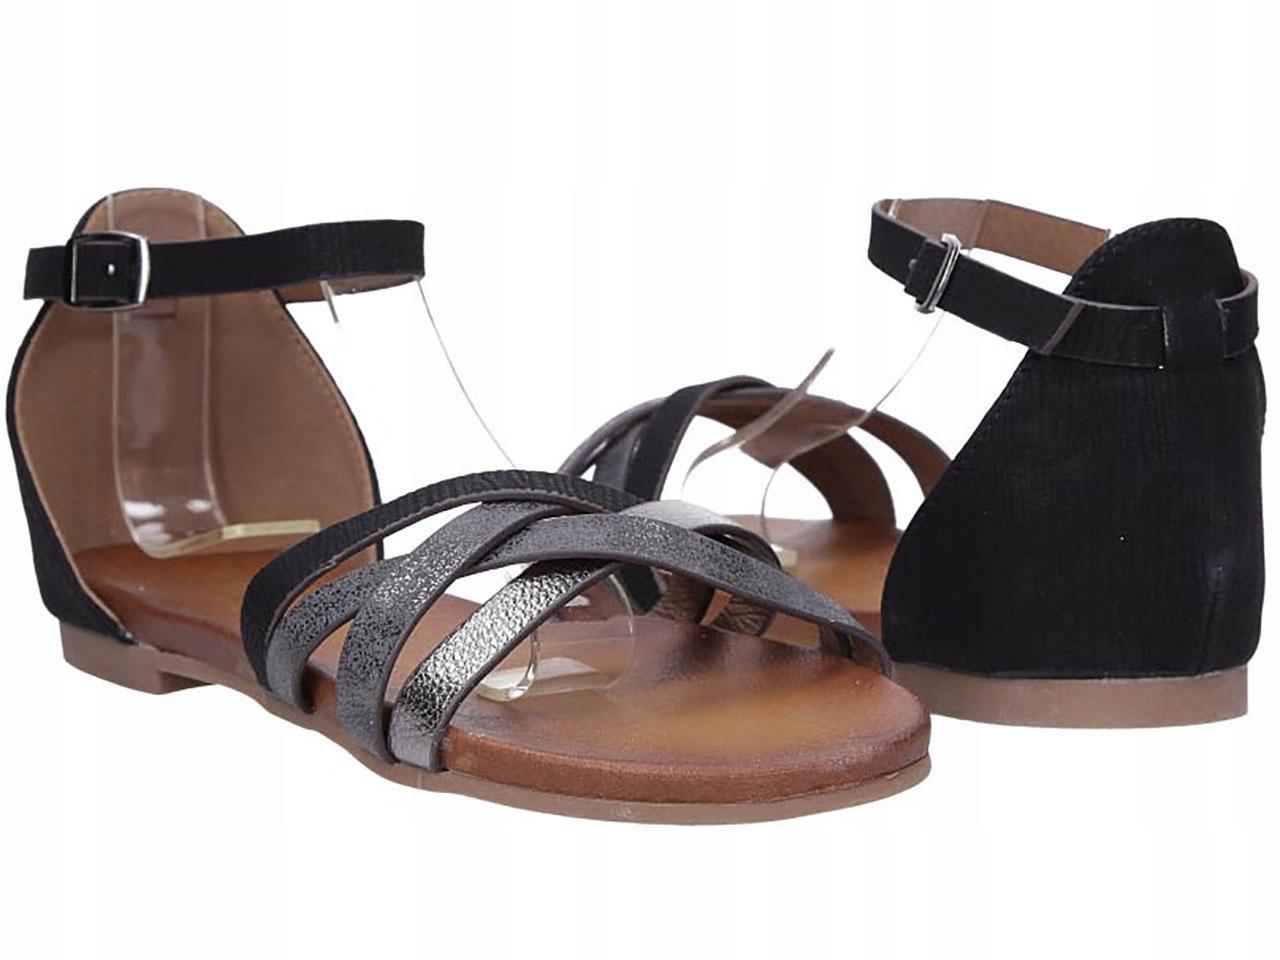 Sandały Zakryta Pięta Płaskie Klasyczne Buty Lato